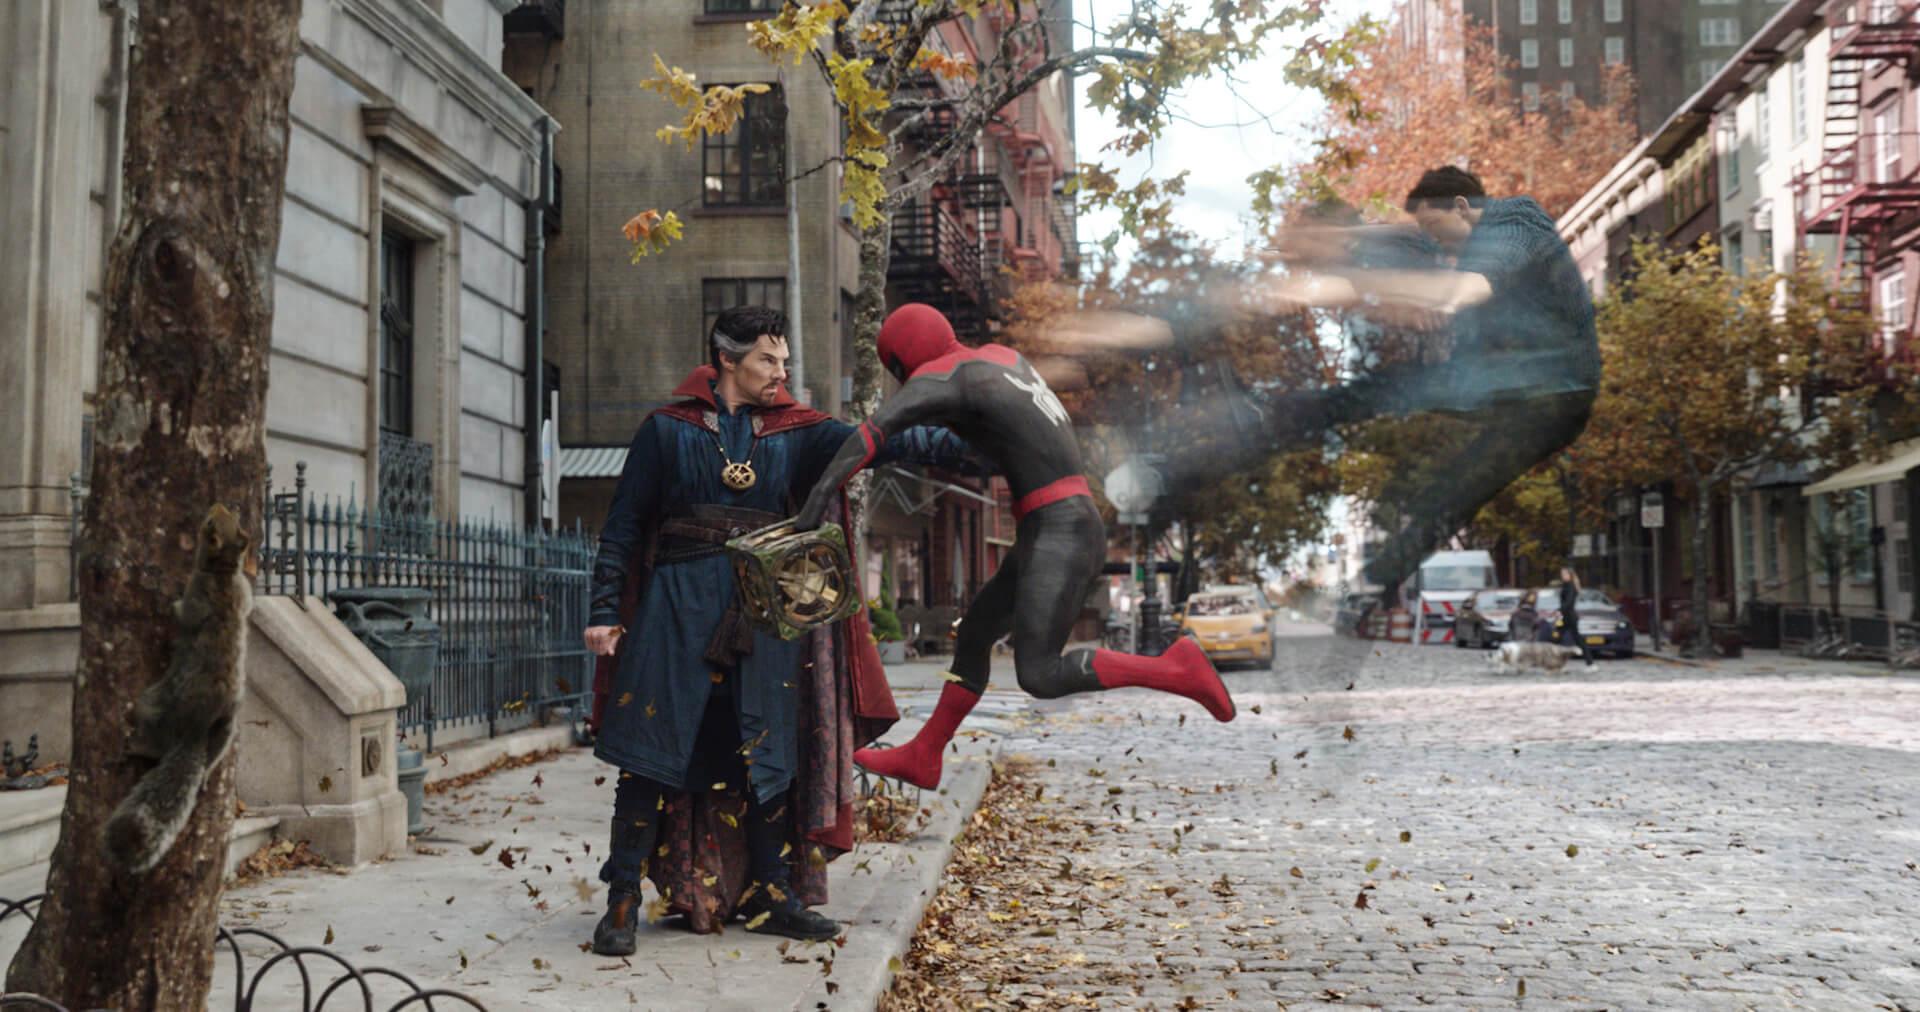 興奮必至のスパイダーマン予告に劇場版が登場!『スパイダーマン:ノー・ウェイ・ホーム』劇場版予告が順次上映決定 film210915_spiderman_nwh_main